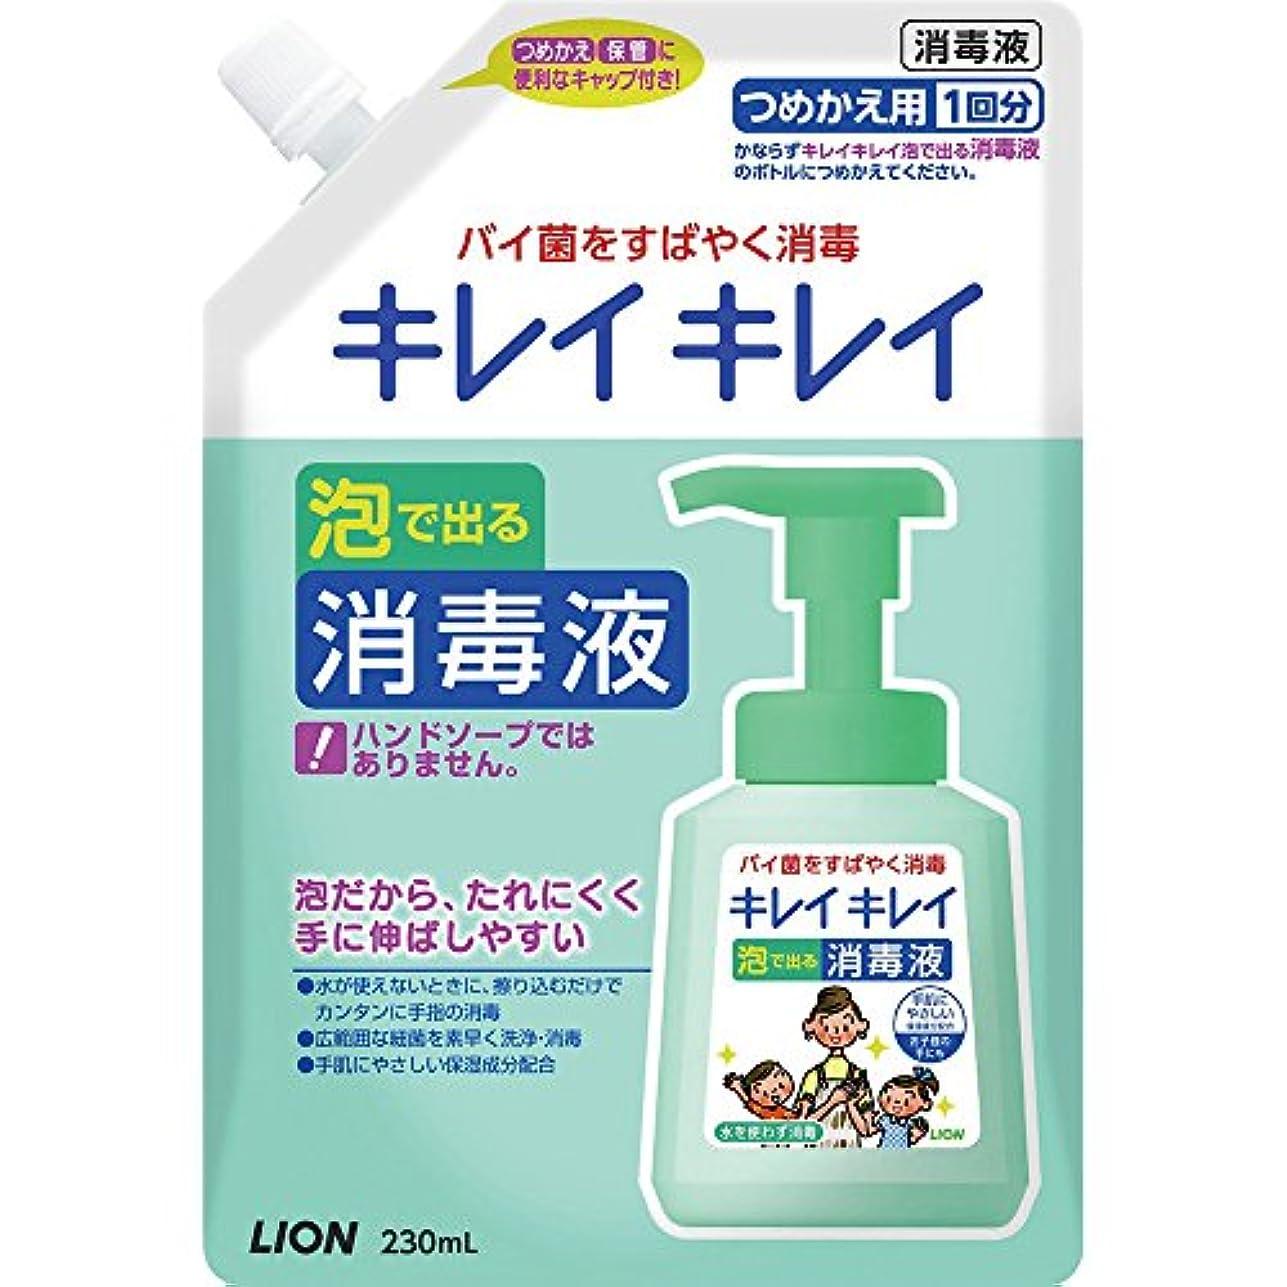 雄弁省略する理由キレイキレイ 薬 泡ででる消毒液 詰替 230ml (指定医薬部外品)